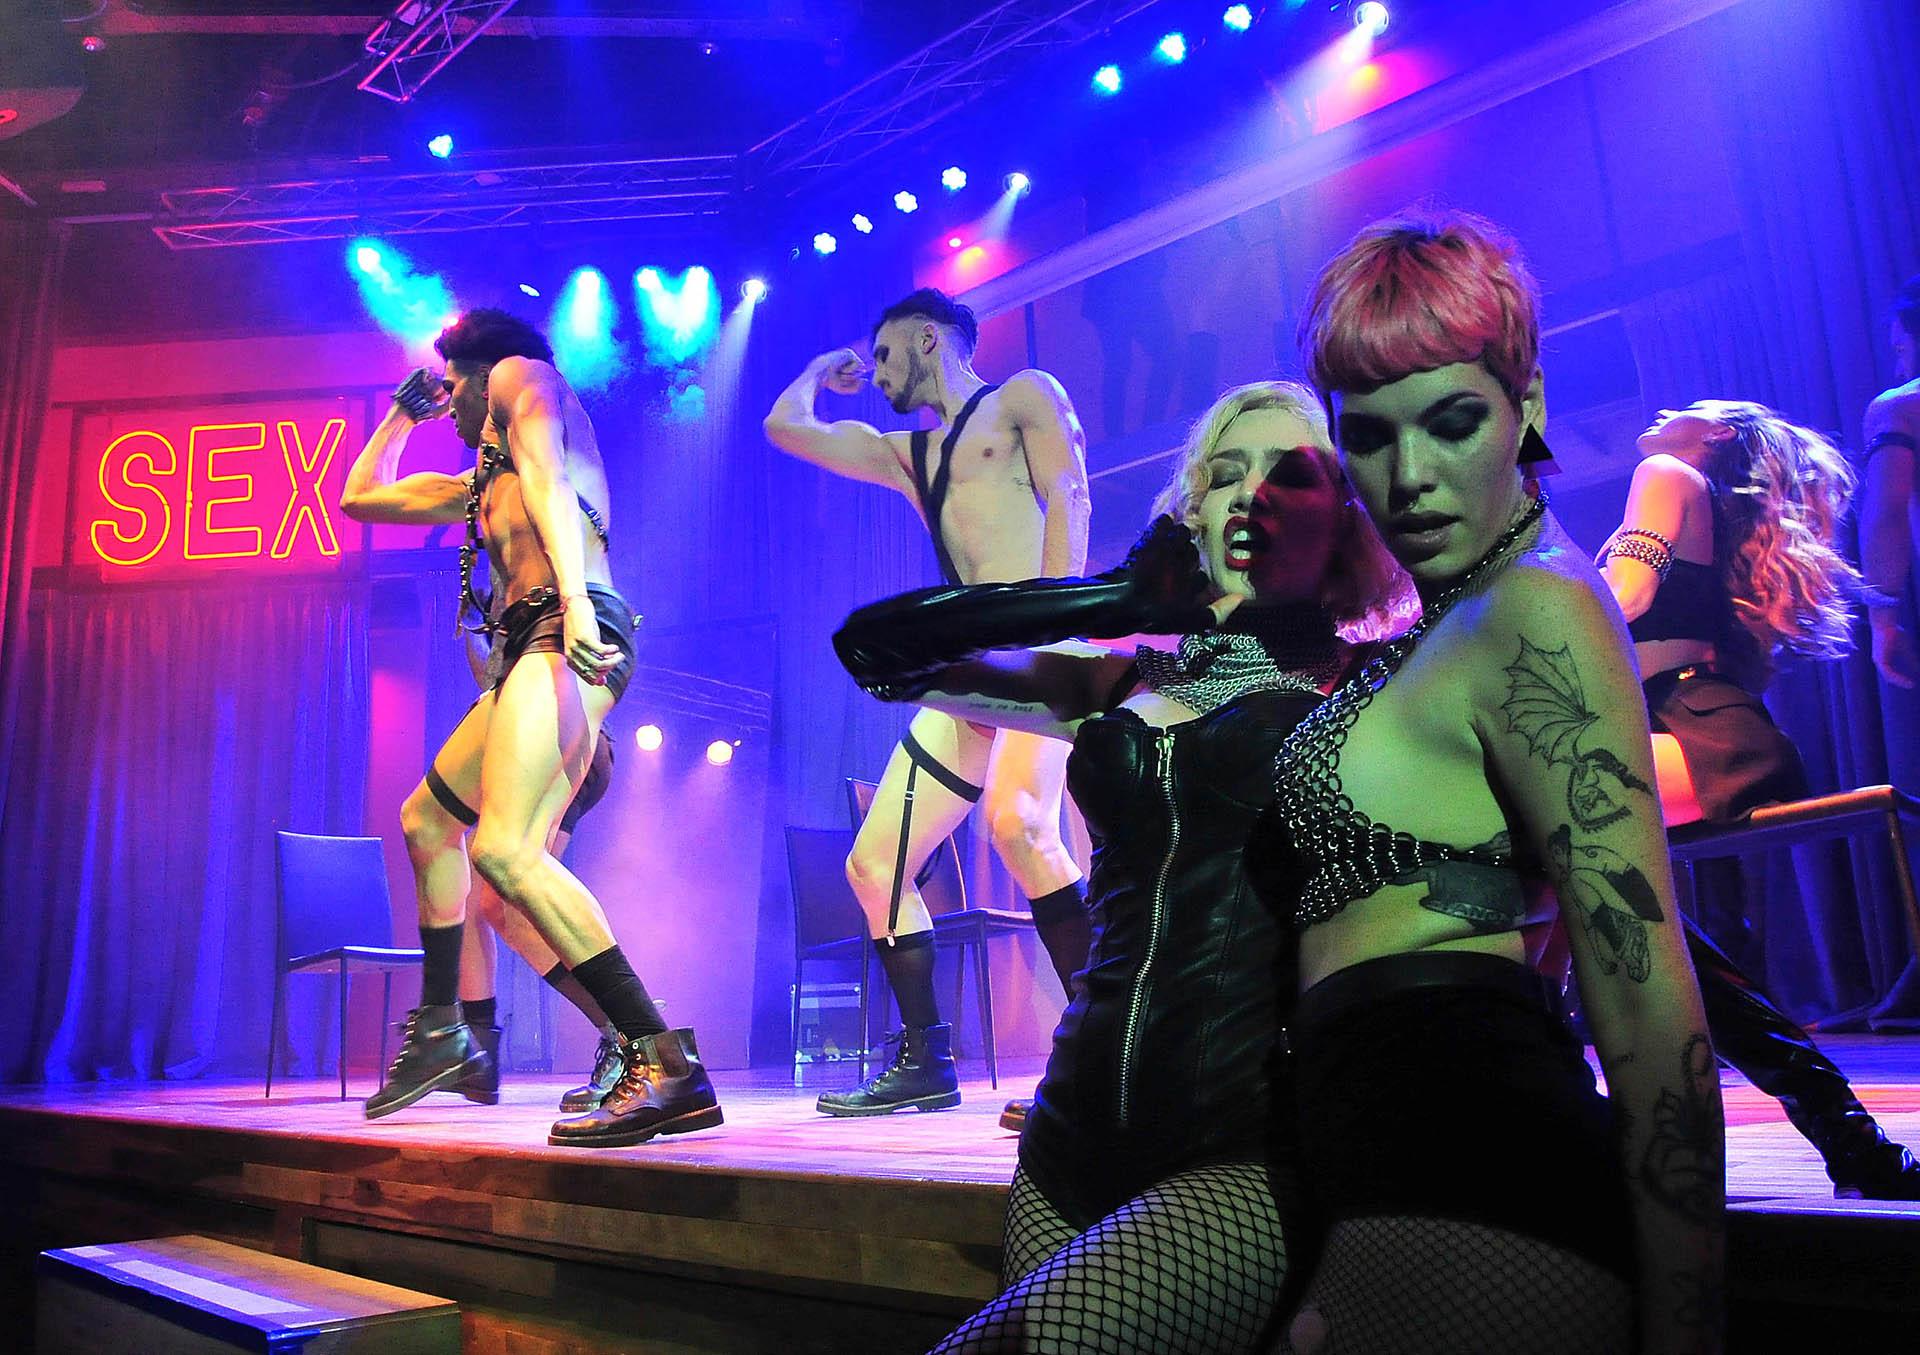 Arriba del escenario se pueden ver a los artistas realizando coreografías apasionadas que reflejan escenas de sexo